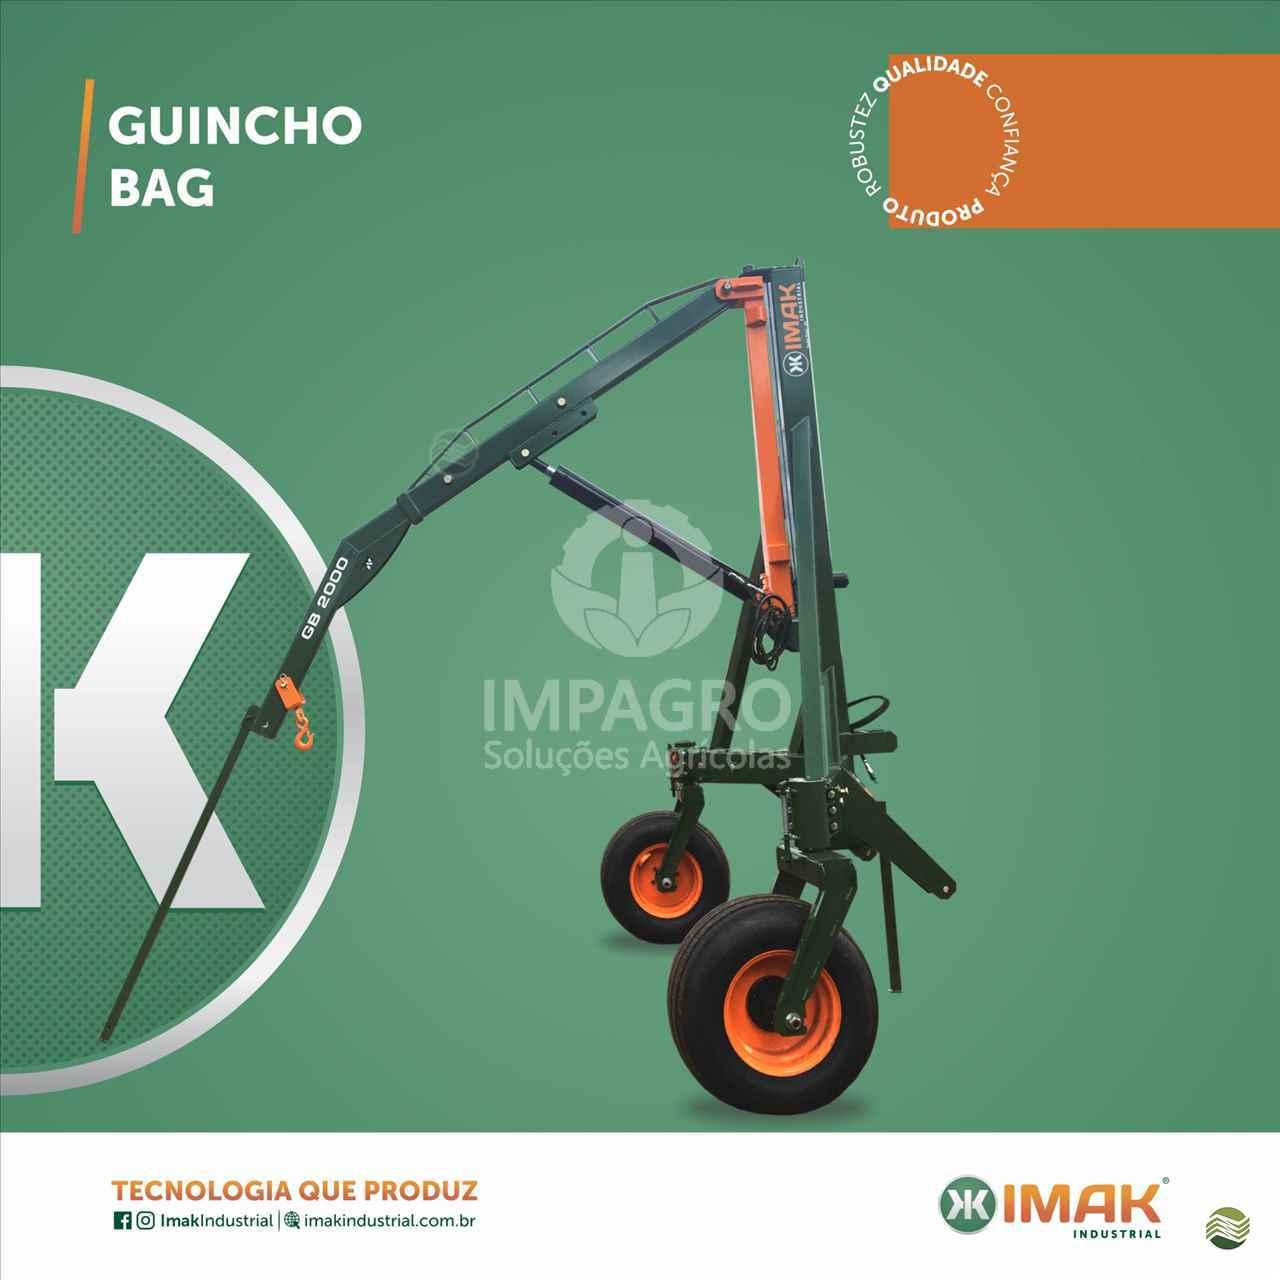 IMPLEMENTOS AGRICOLAS GUINCHO BIG BAG GUINCHO 2000 Kg Impagro Soluções Agrícolas AJURICABA RIO GRANDE DO SUL RS